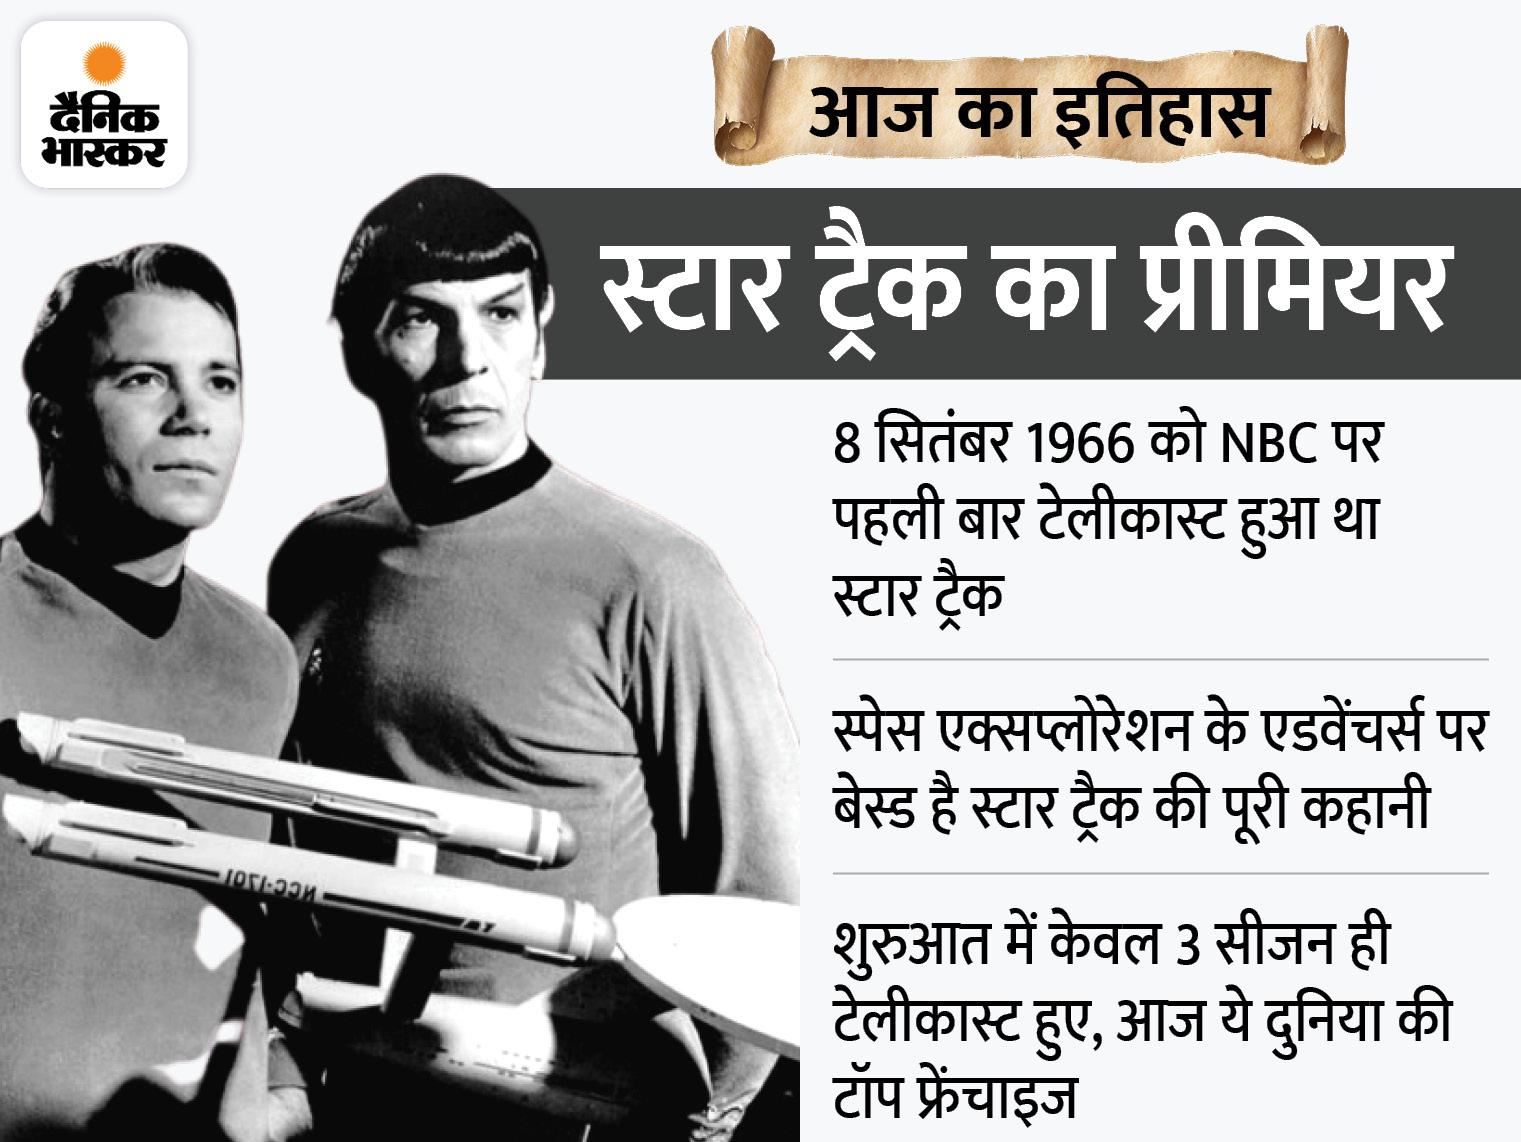 55 साल पहले अमेरिका में पहली बार प्रसारित हुआ था स्टार ट्रैक, जो दुनिया का सबसे बड़ा मीडिया फ्रेंचाइज बना|देश,National - Dainik Bhaskar